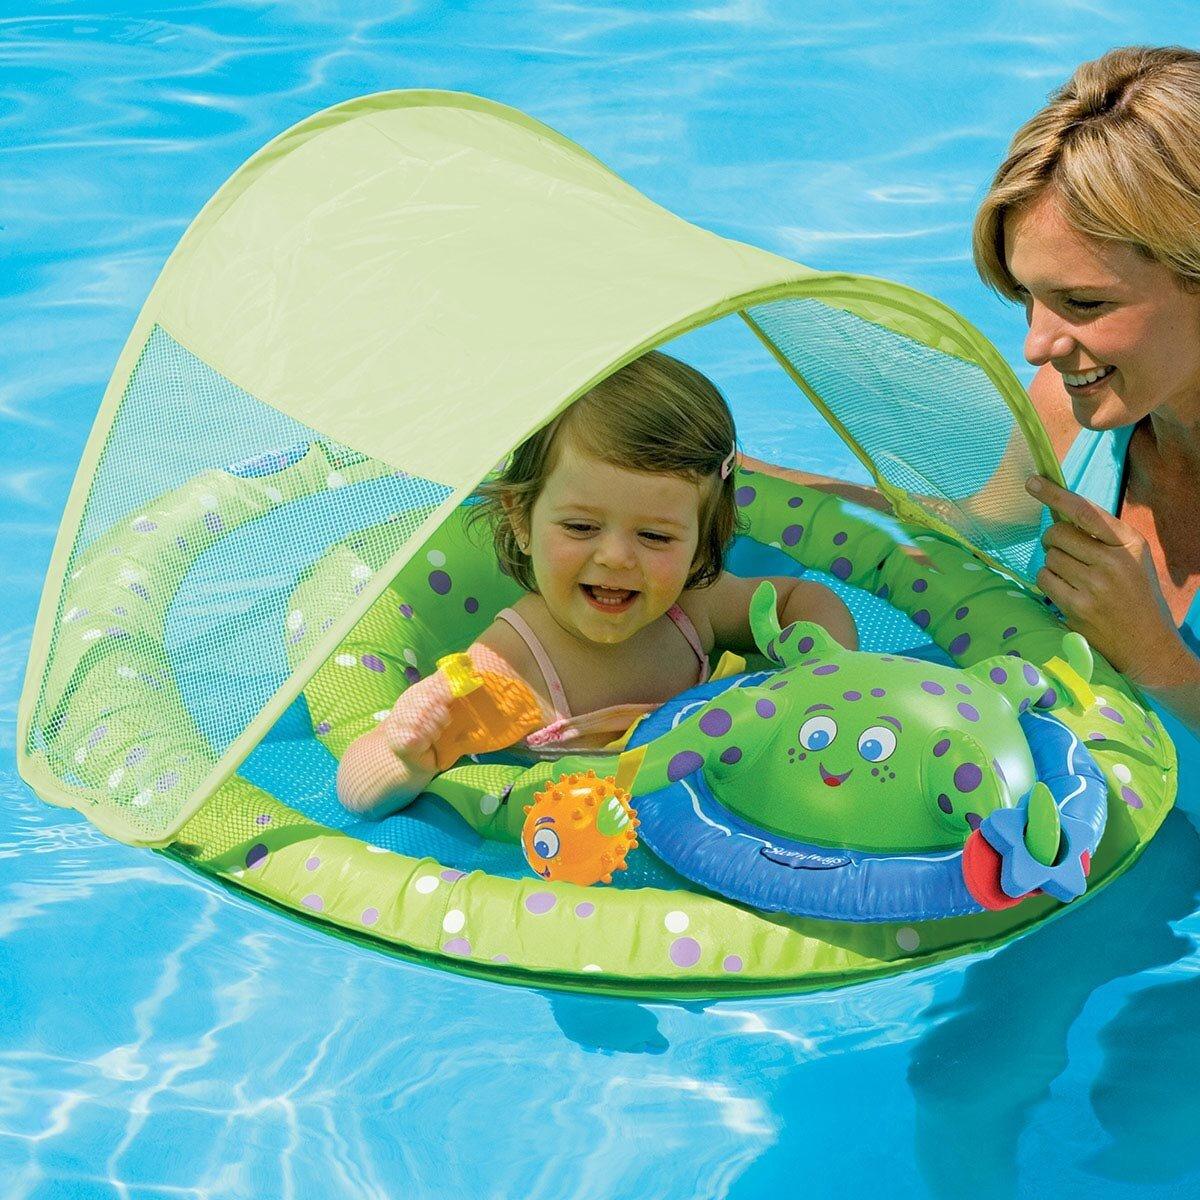 10 đồ dùng mùa hè cần thiết cho trẻ tại hồ bơi hay trên bãi biển